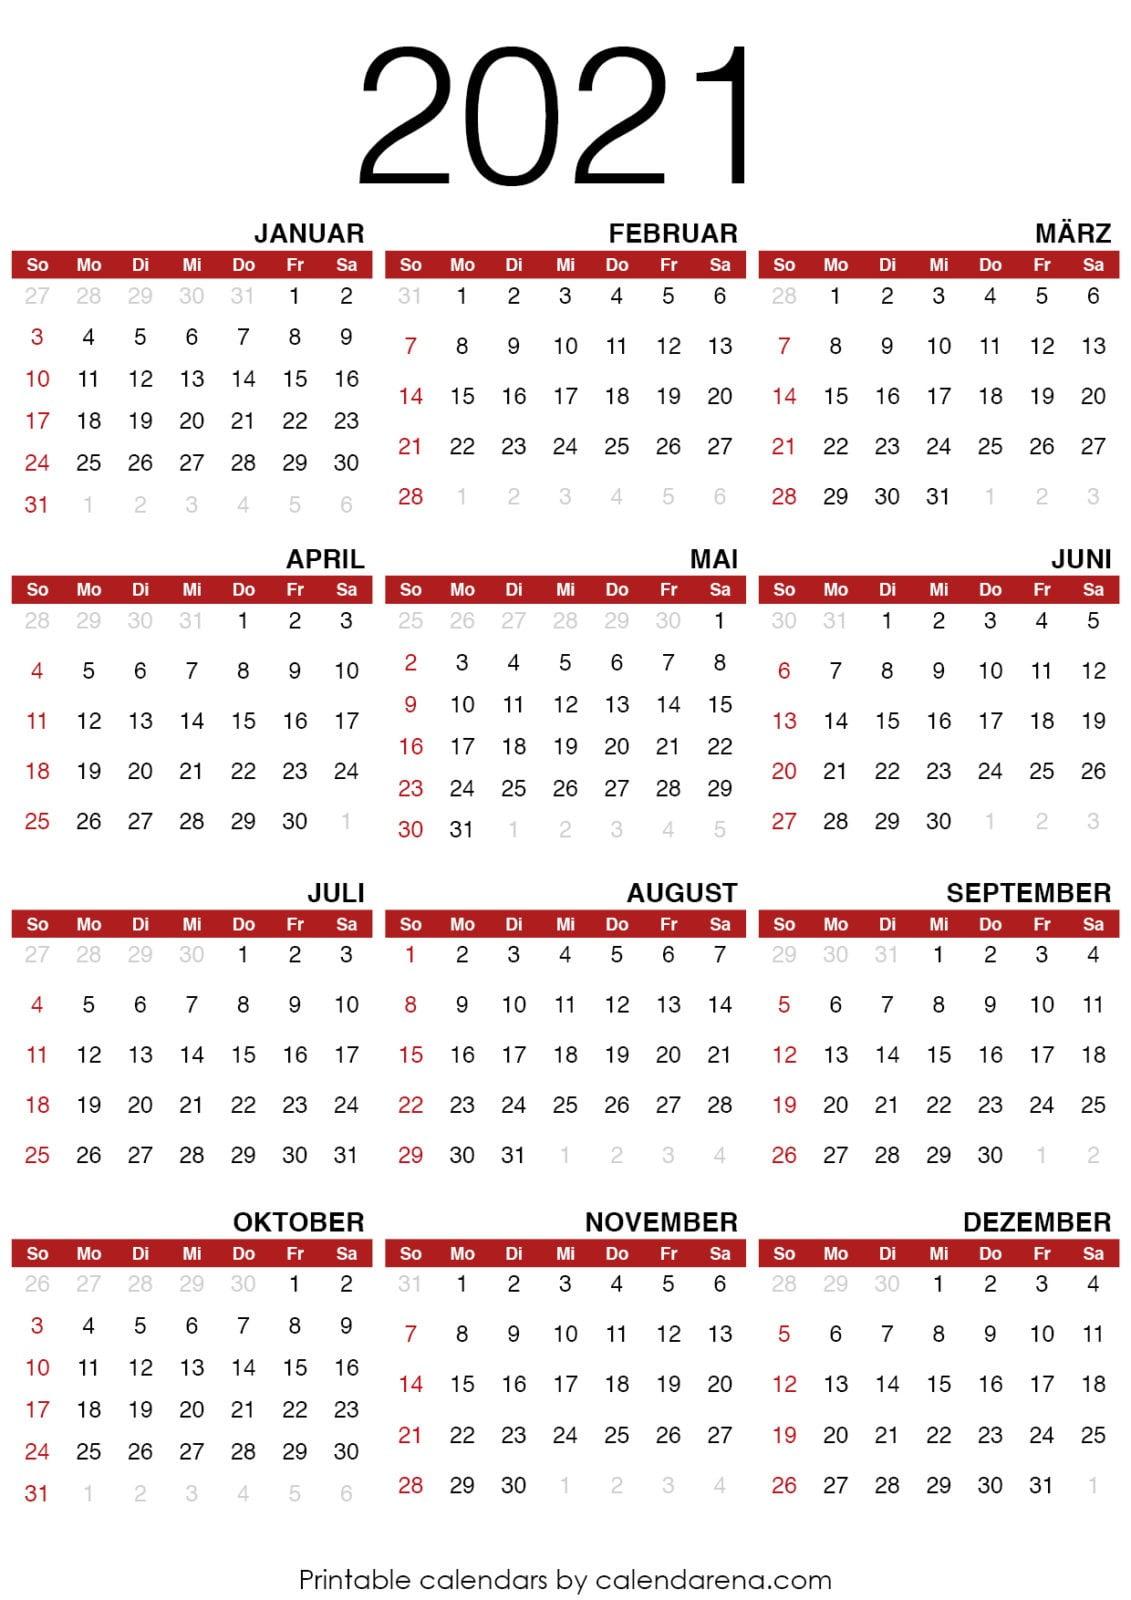 2021 Kalender zum ausdrucken - Calendarena